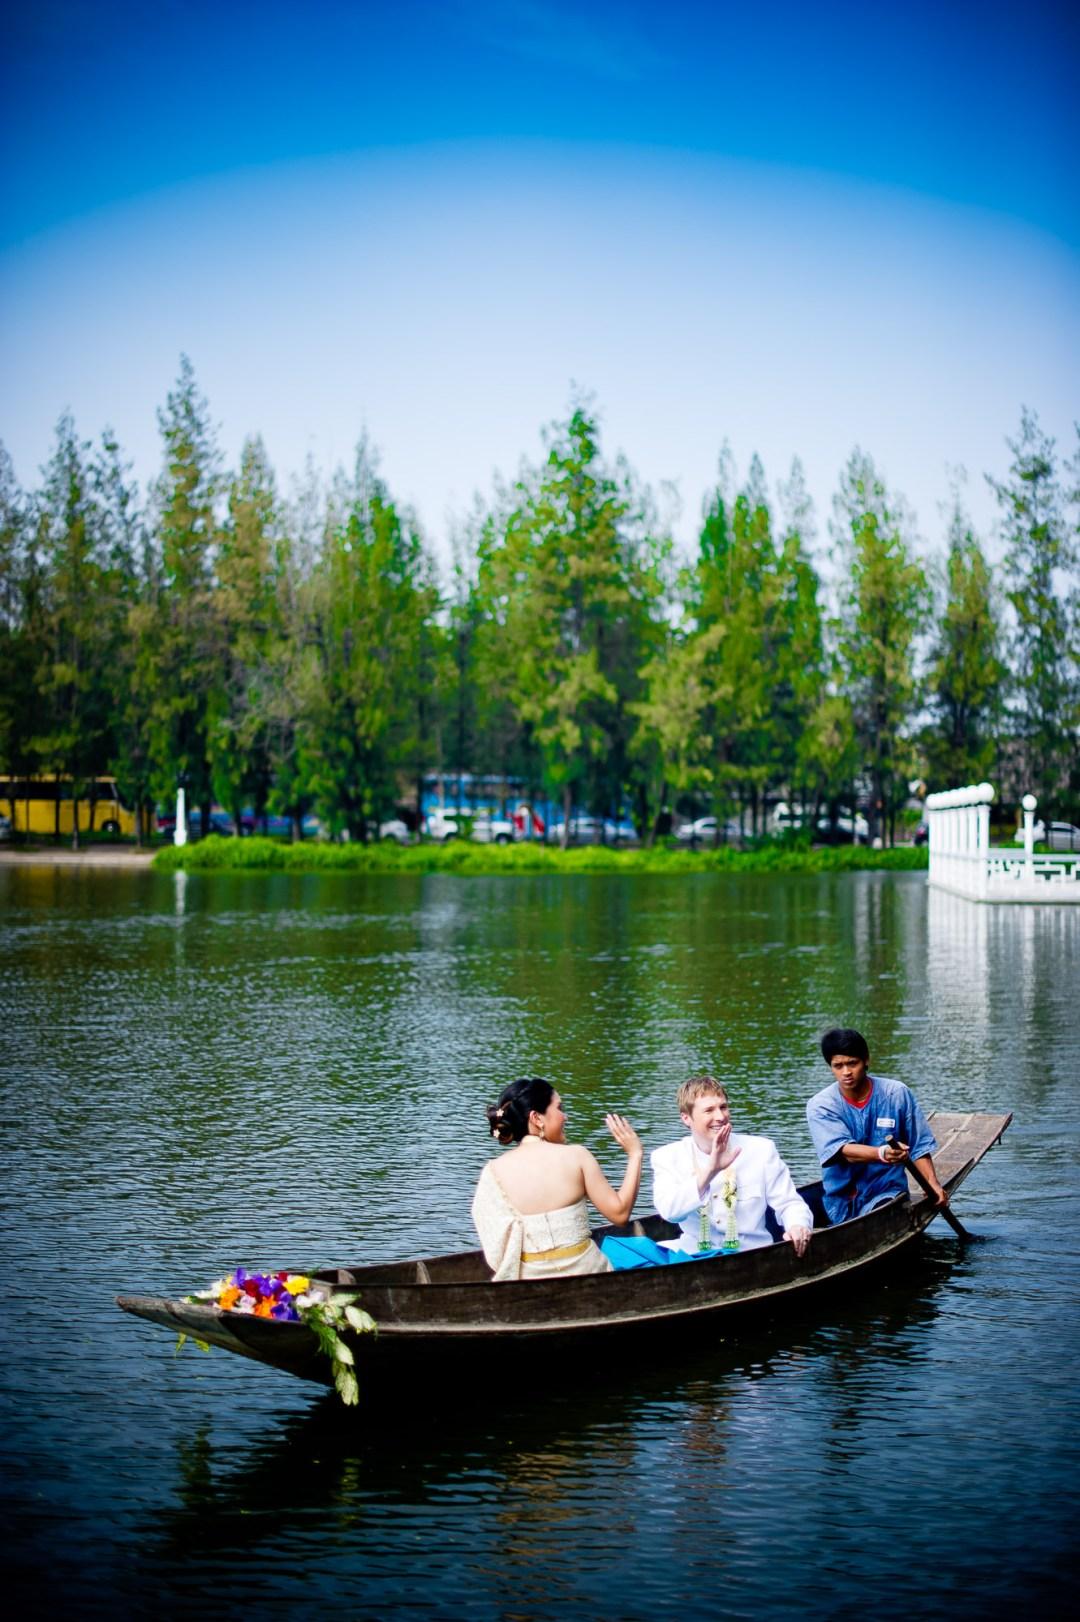 Thailand Wedding Photography | Sampran Riverside Wedding